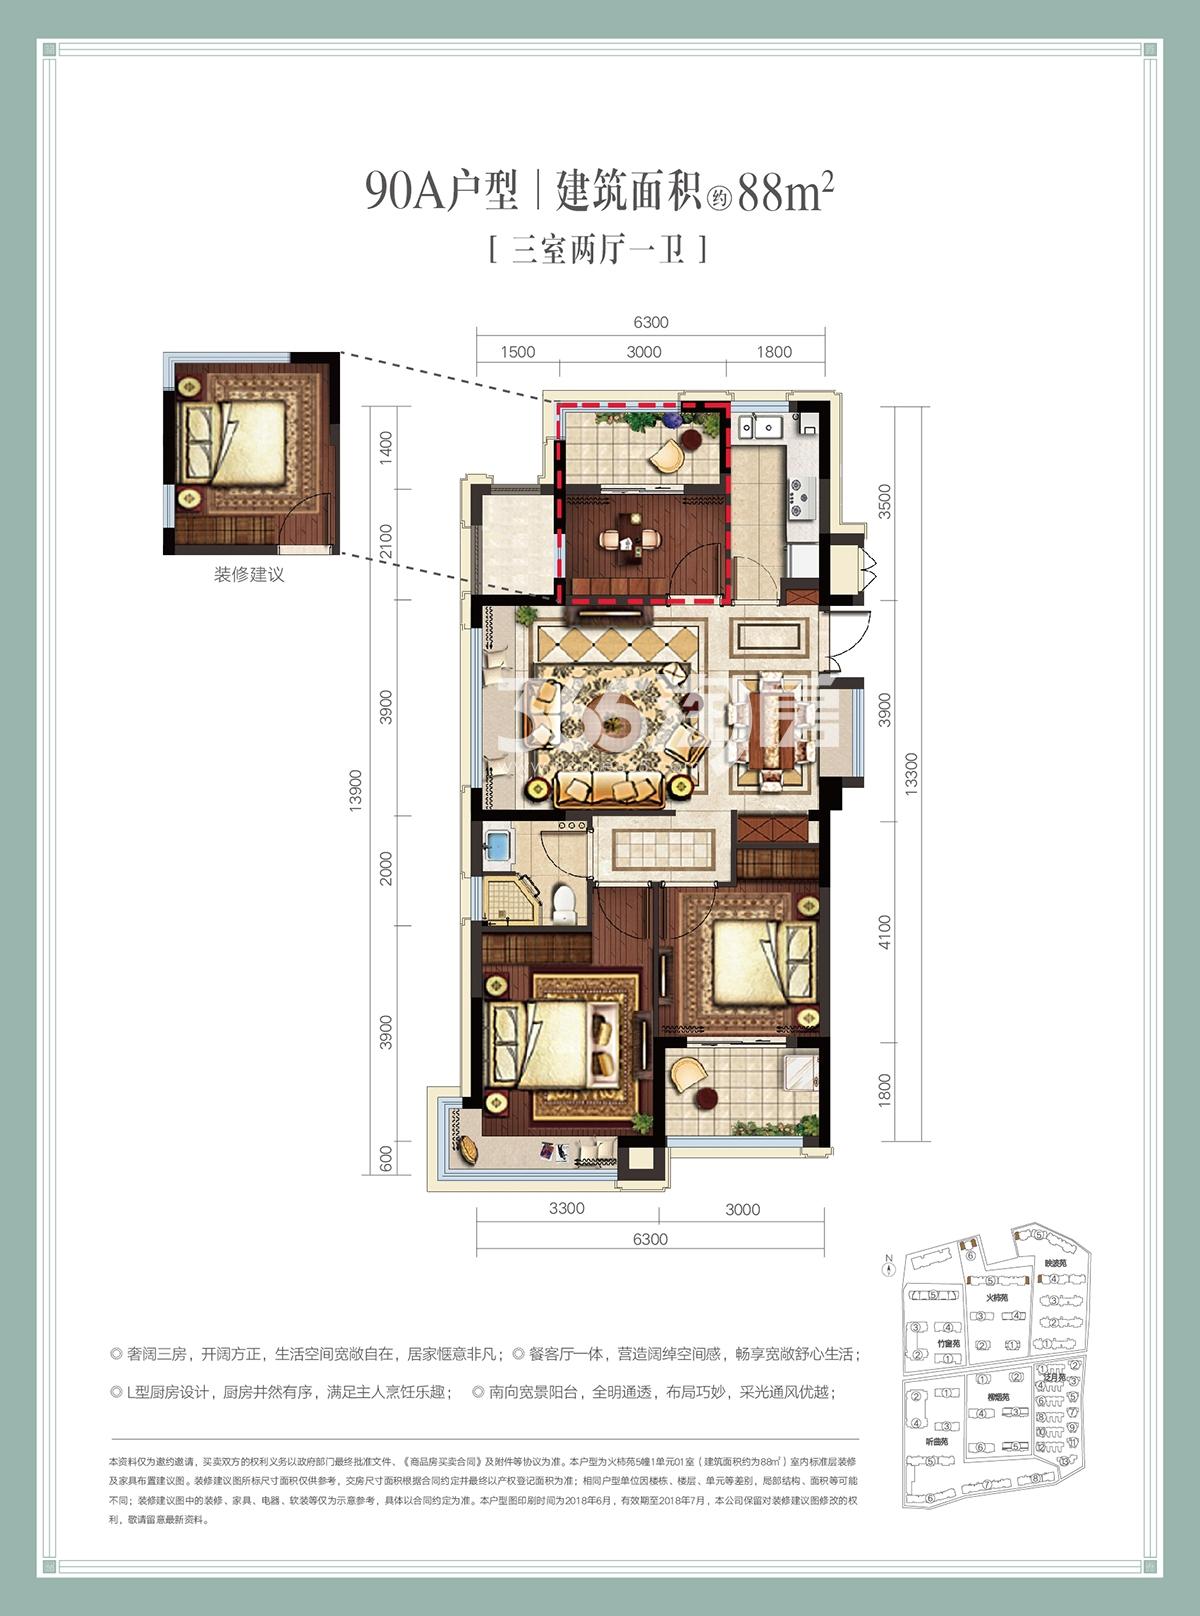 远洋西溪公馆火柿苑5号楼88方户型图